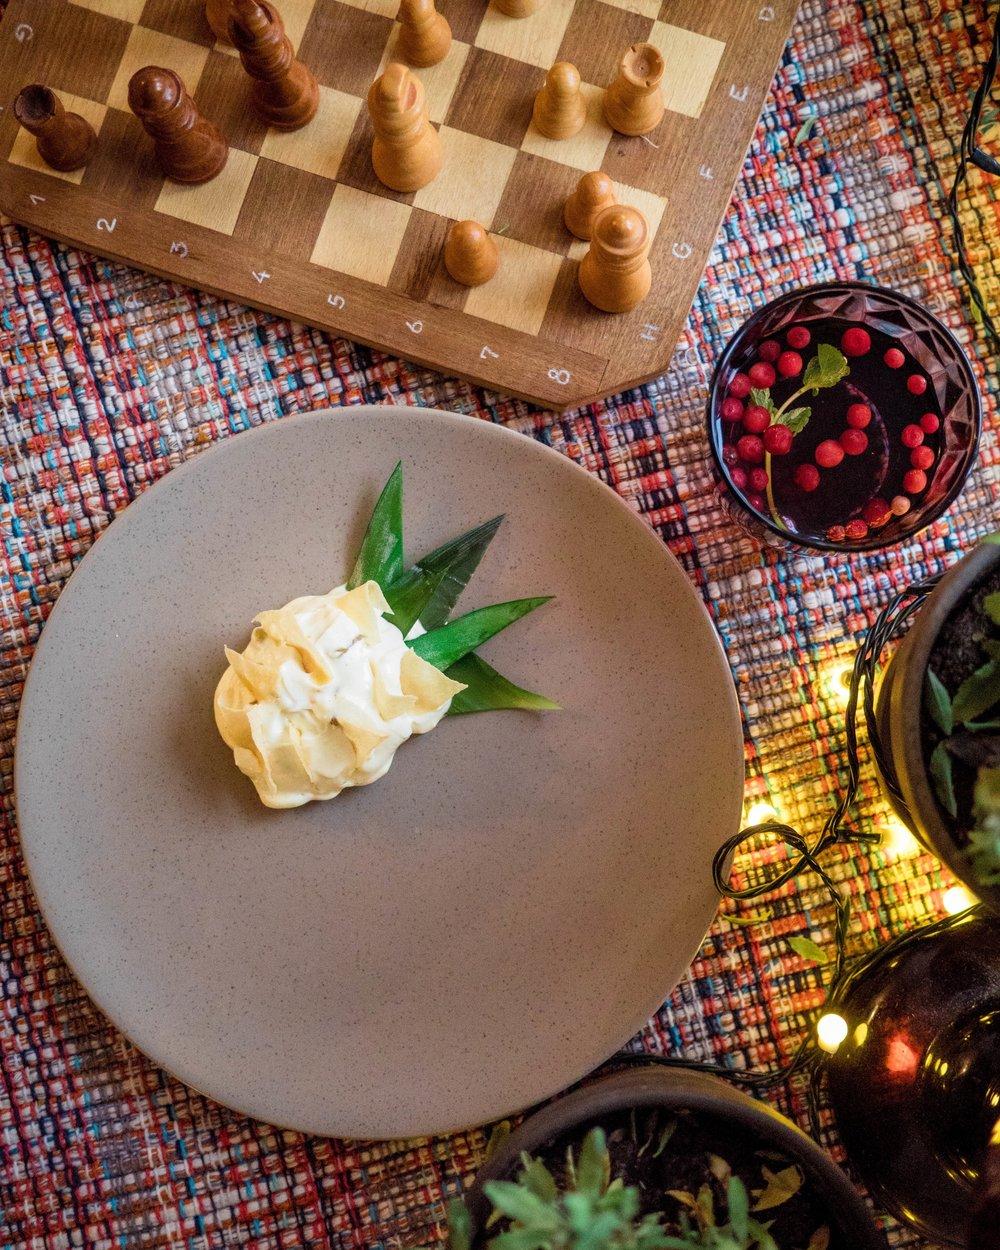 MAGUSROOG - VÕLTS ANANASS    Karamelliseeritud ananass, Cointreau-kreem, krõbedad õhikud   Me ei tea, mis teema Susannil selle restoga oli, aga see oli ühtlasi ka tema lemmikmagustoit terve nädalavahetuse vältel! Nii mõnna ja värske maitse. Ja imearmas presentatsioon. Aa, muide sõime nende vege magustoitu ka, milleks oli vegan hapukoor koos mustikate ja mündiõliga. See meeldis meile samuti väga, ei teagi, kumb parem oli.